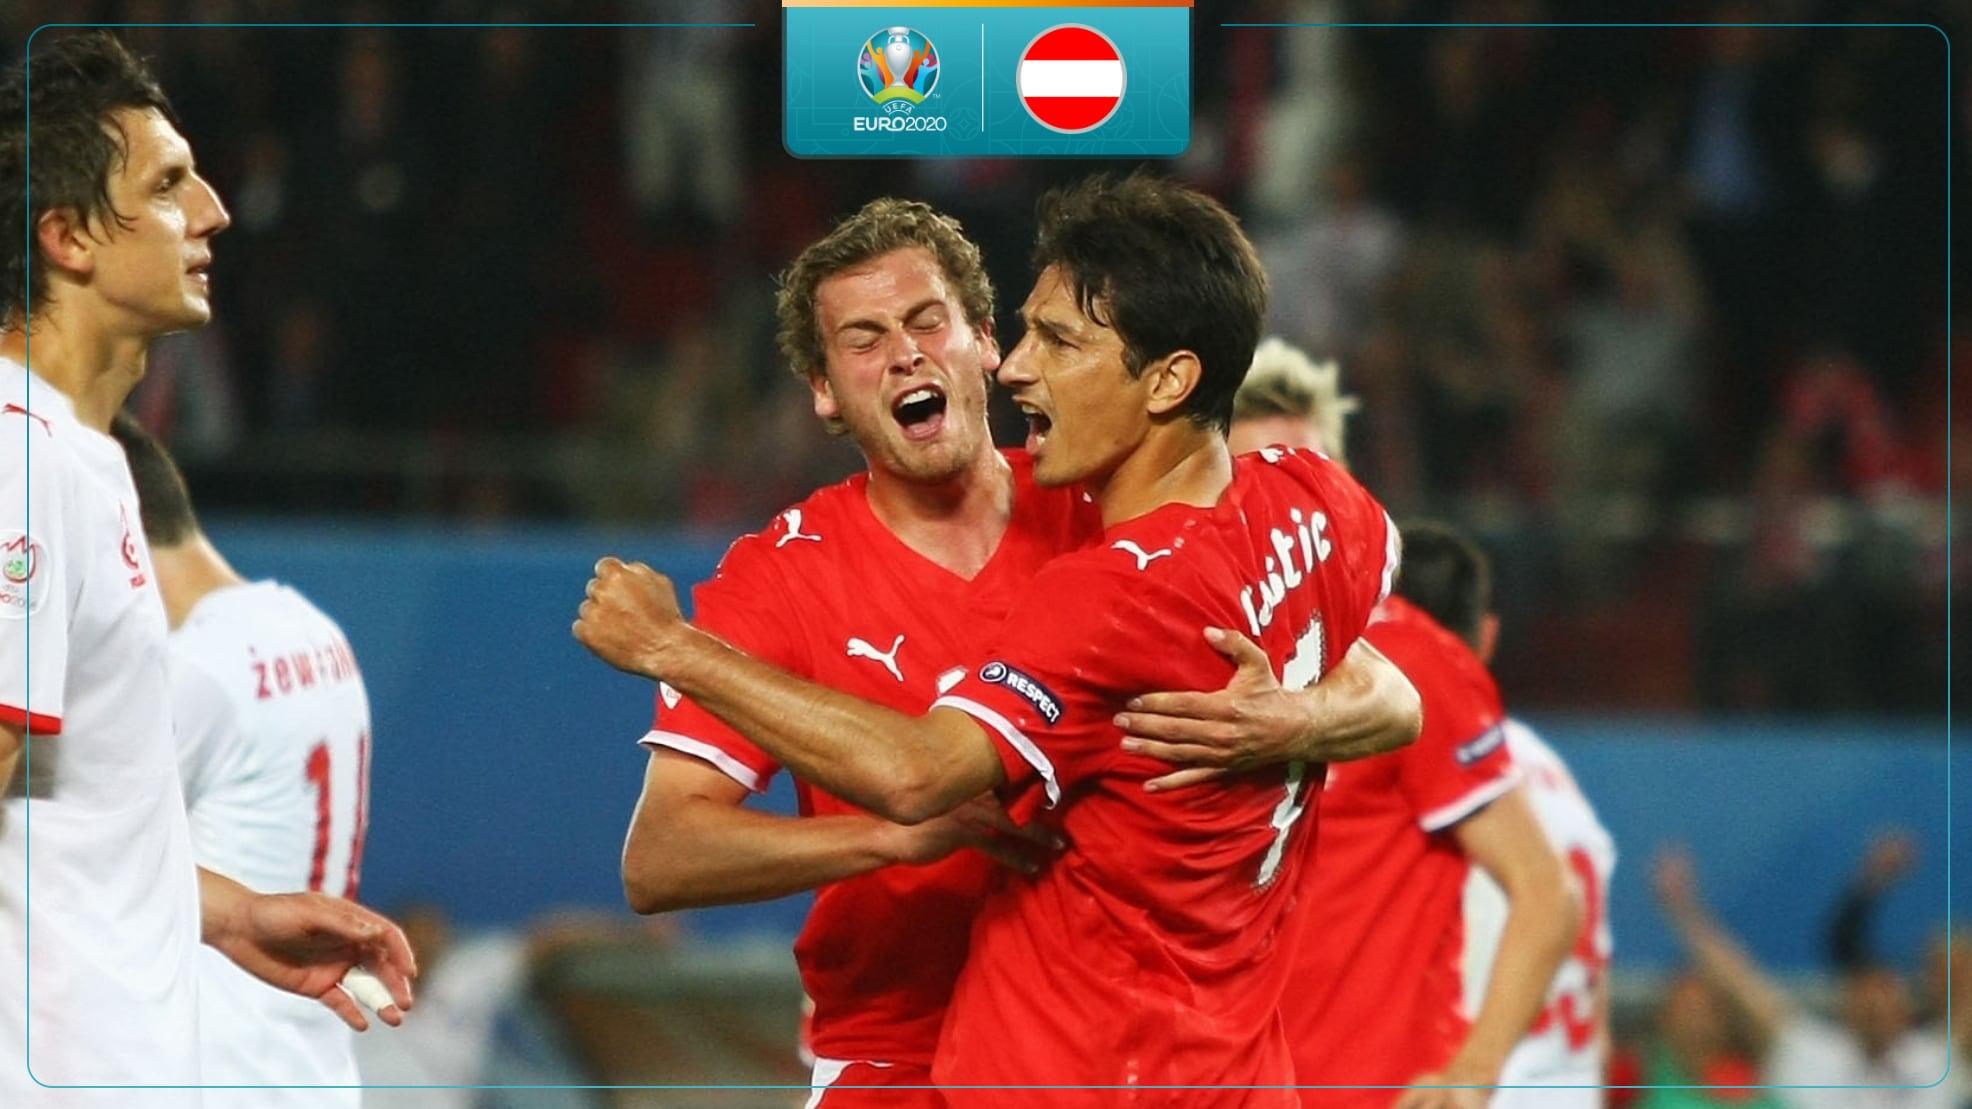 EURO contenders: Austria